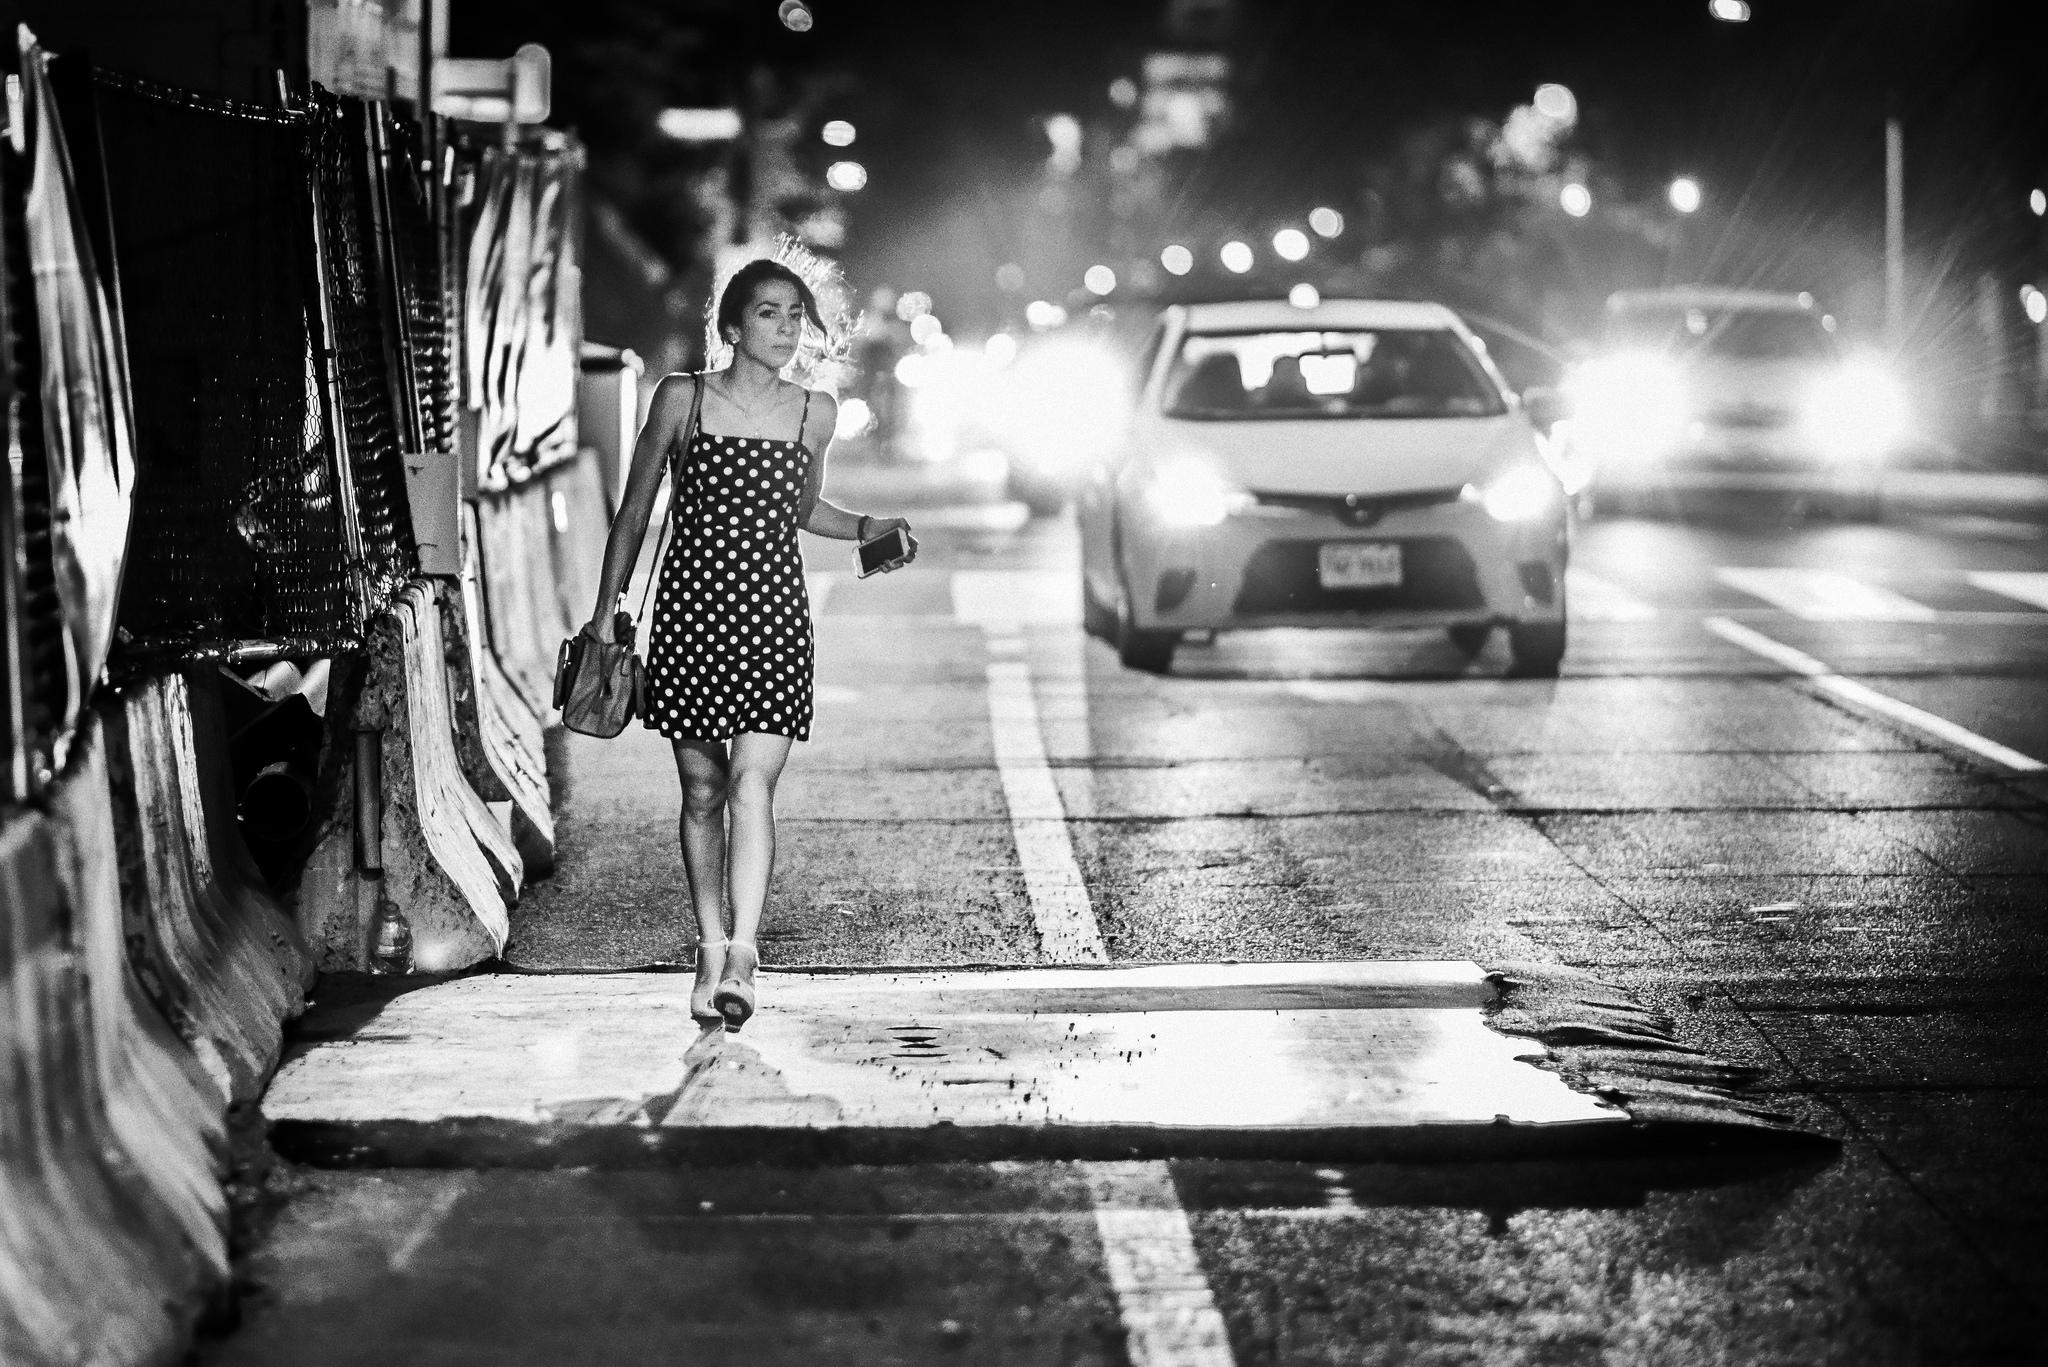 A Street Portrait taken in DC